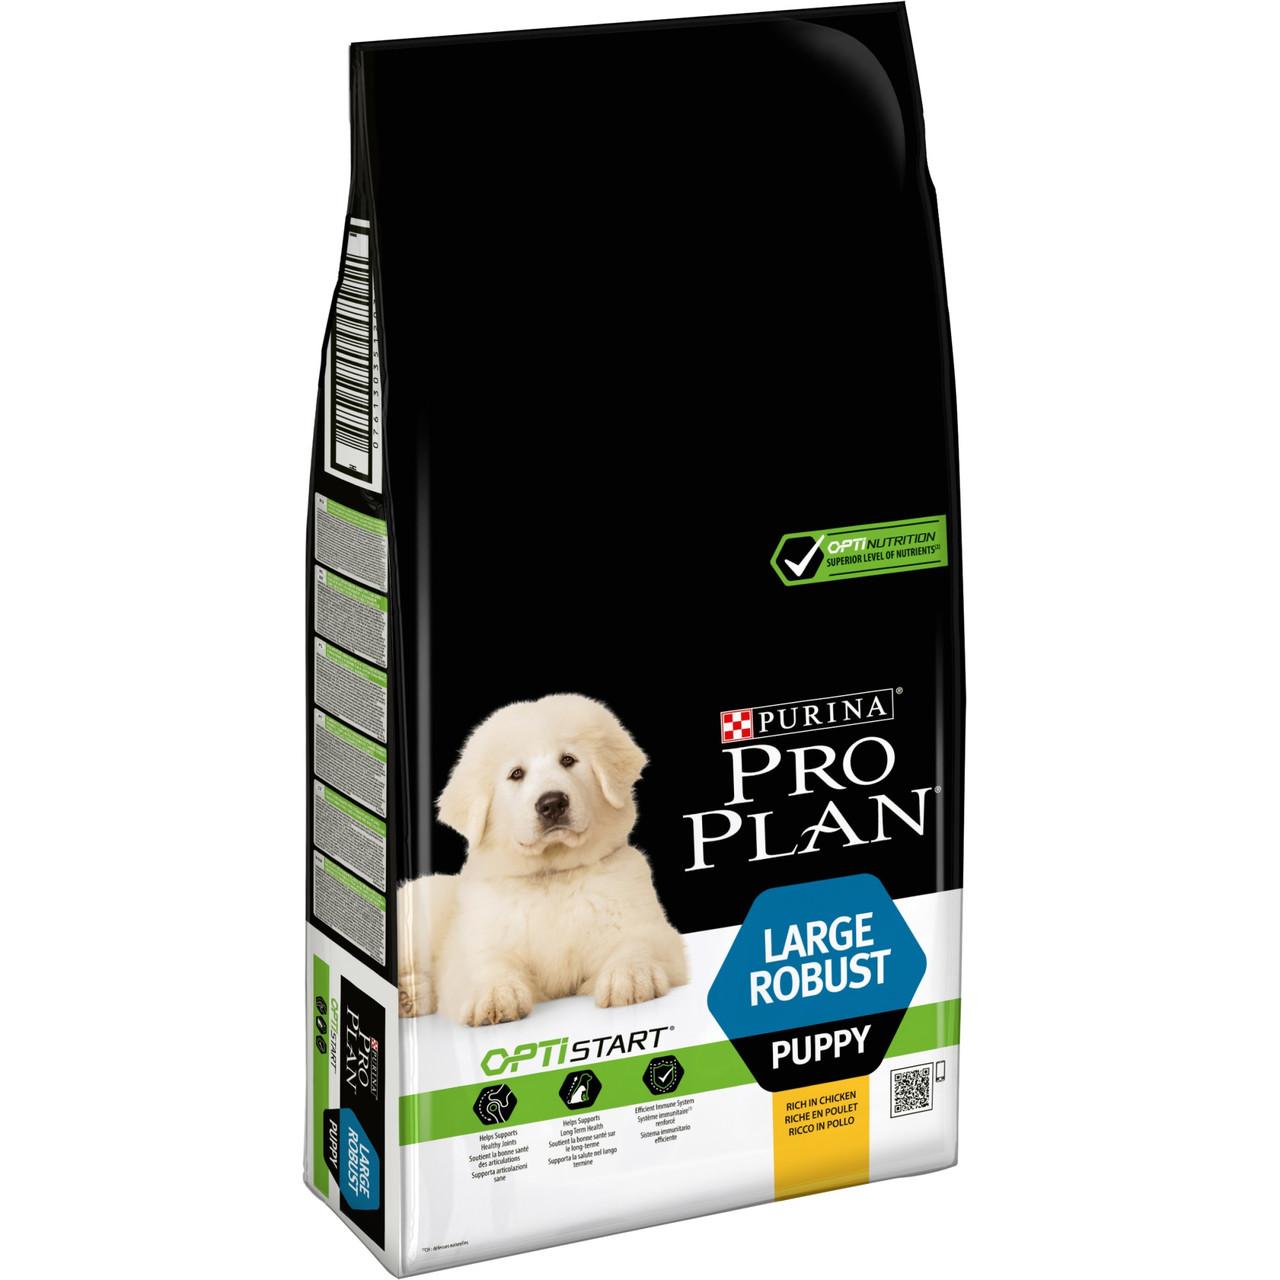 ПроПлан Puppy Large Robust Корм для щенков крупных пород